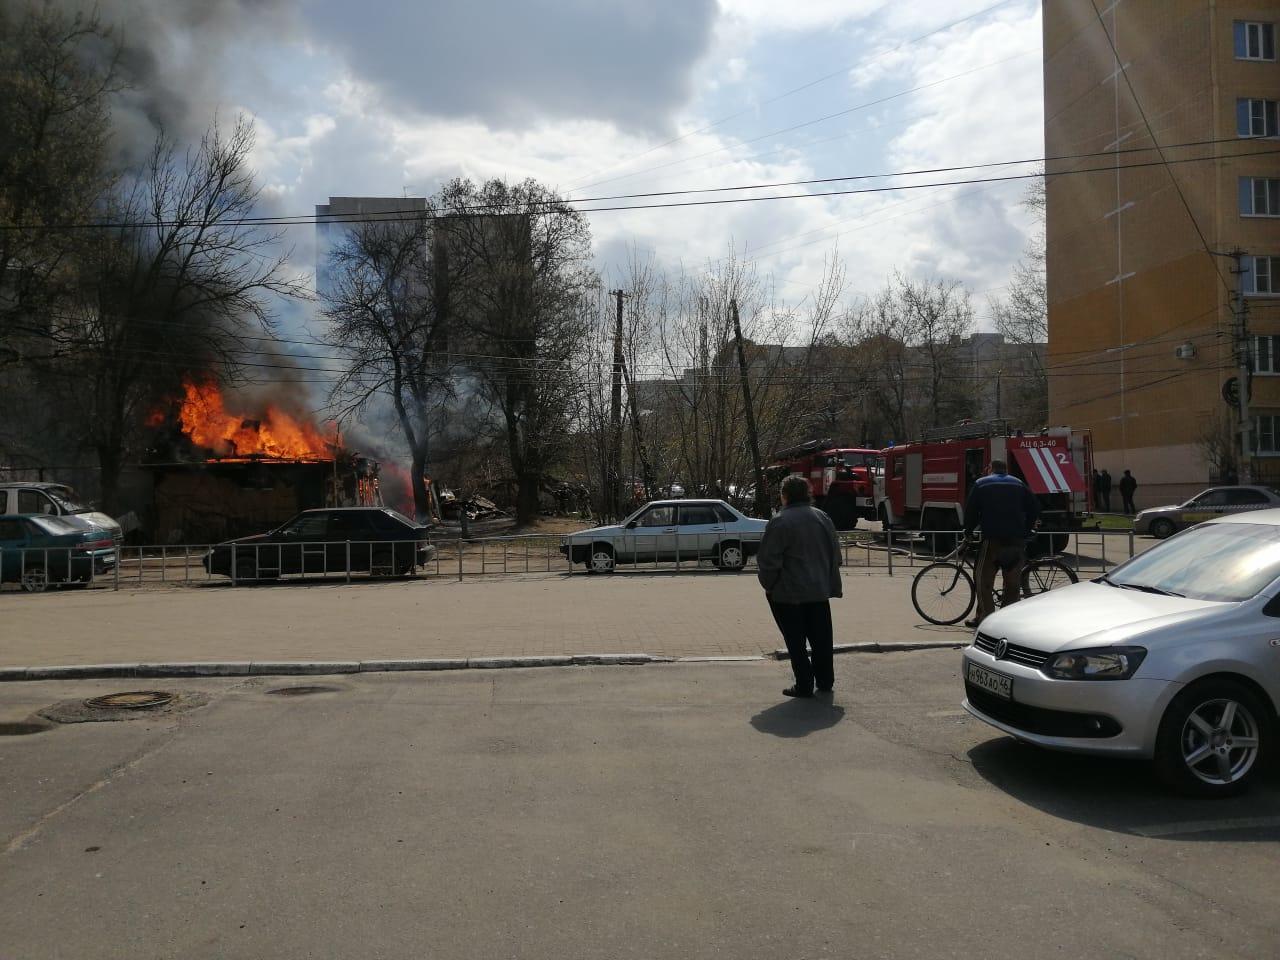 Курские огнеборцы полчаса тушили пожар на улице Парижской Коммуны